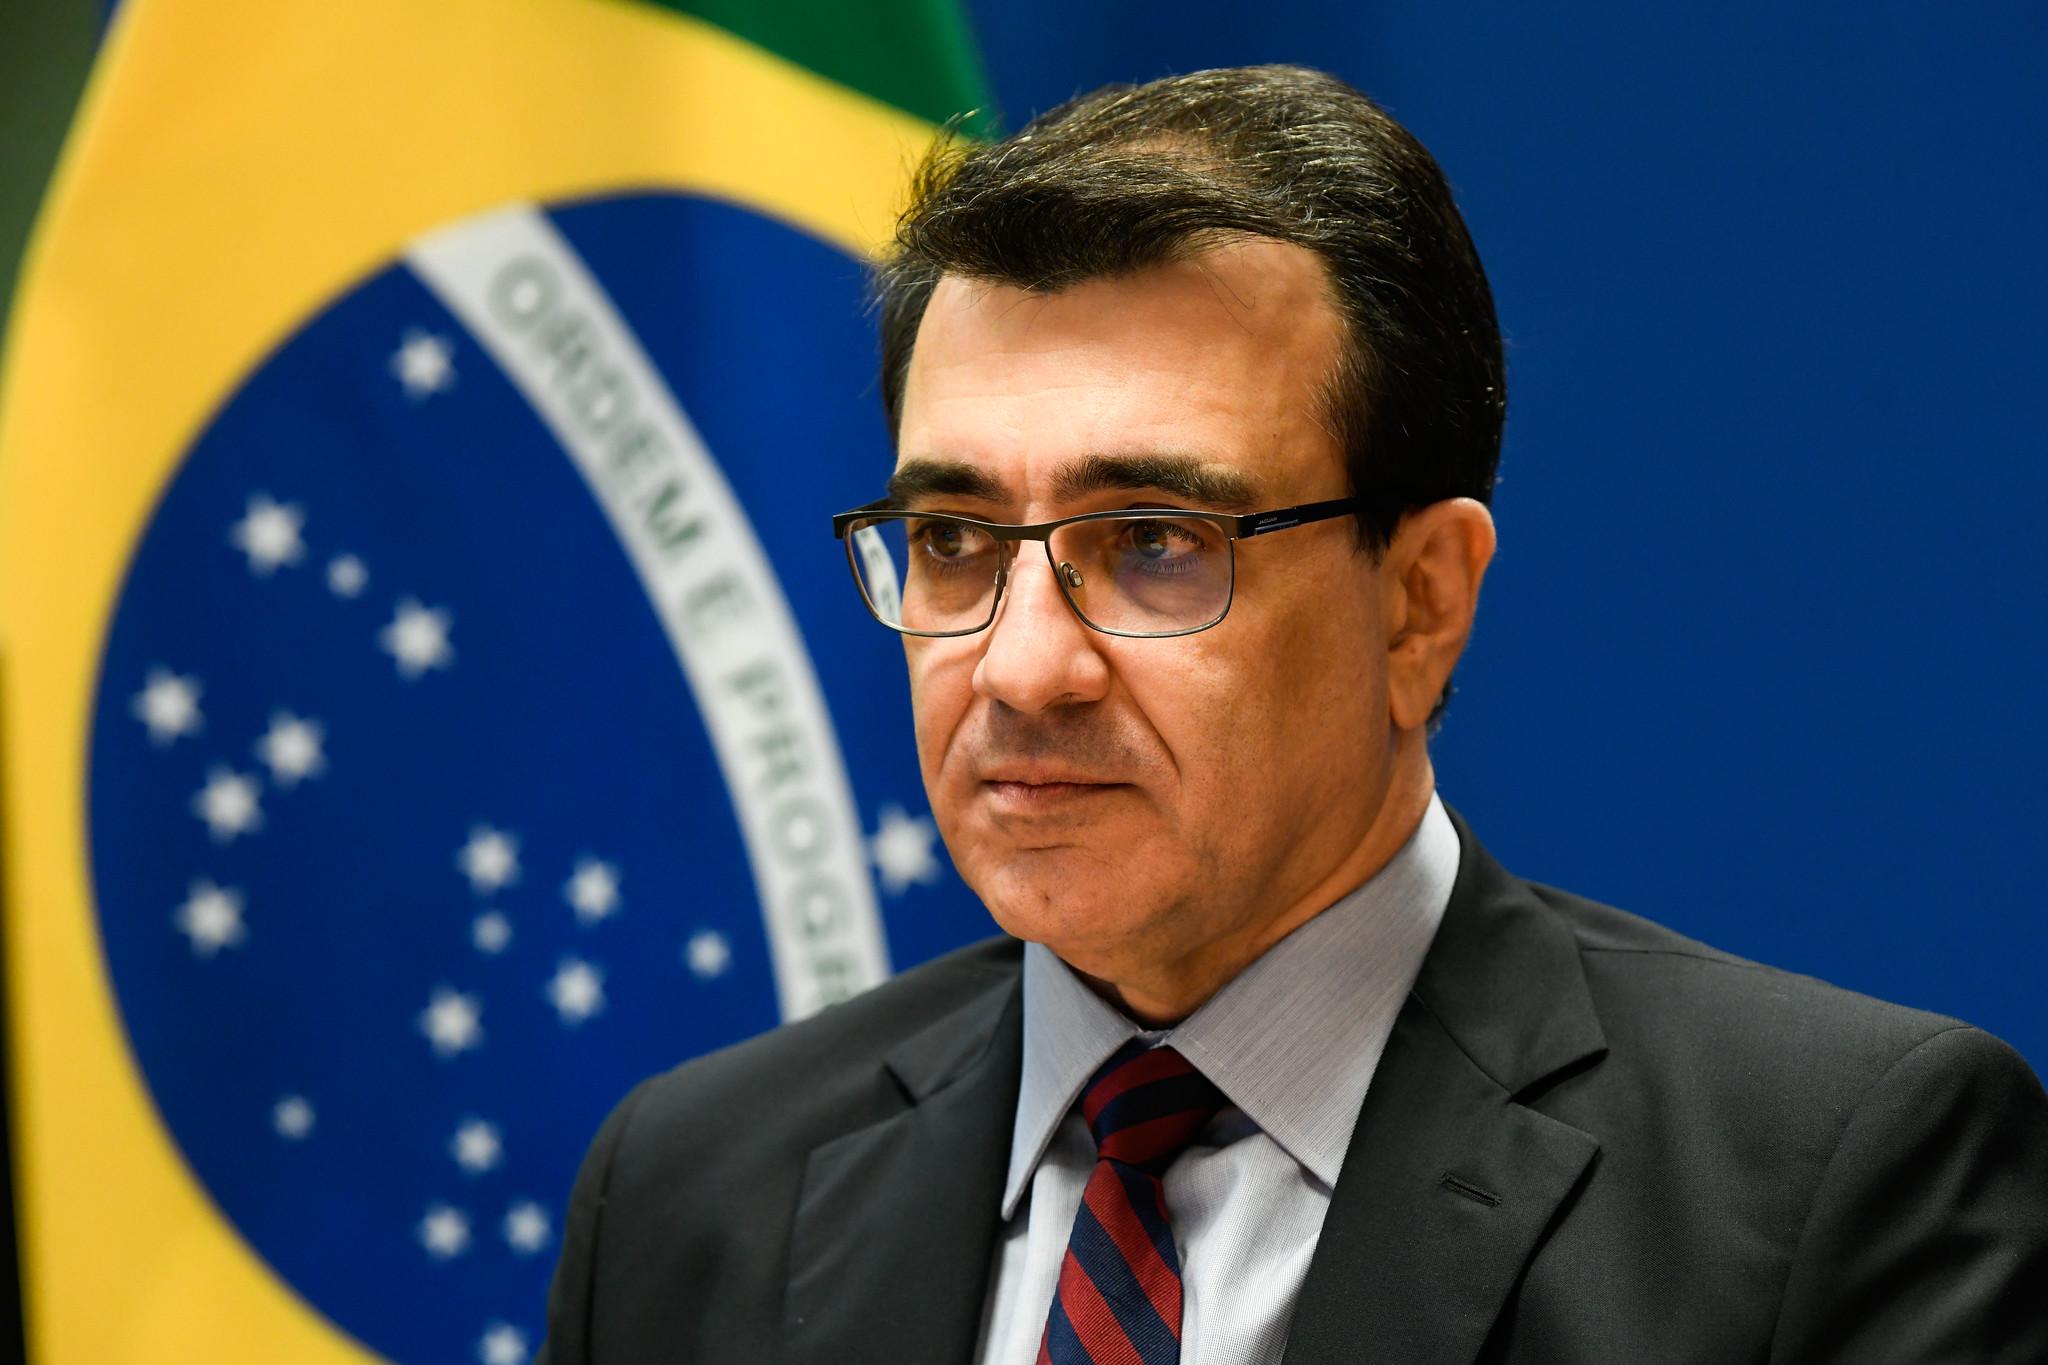 Reunião do Mercosul tem clima ameno em estreia de chanceler brasileiro